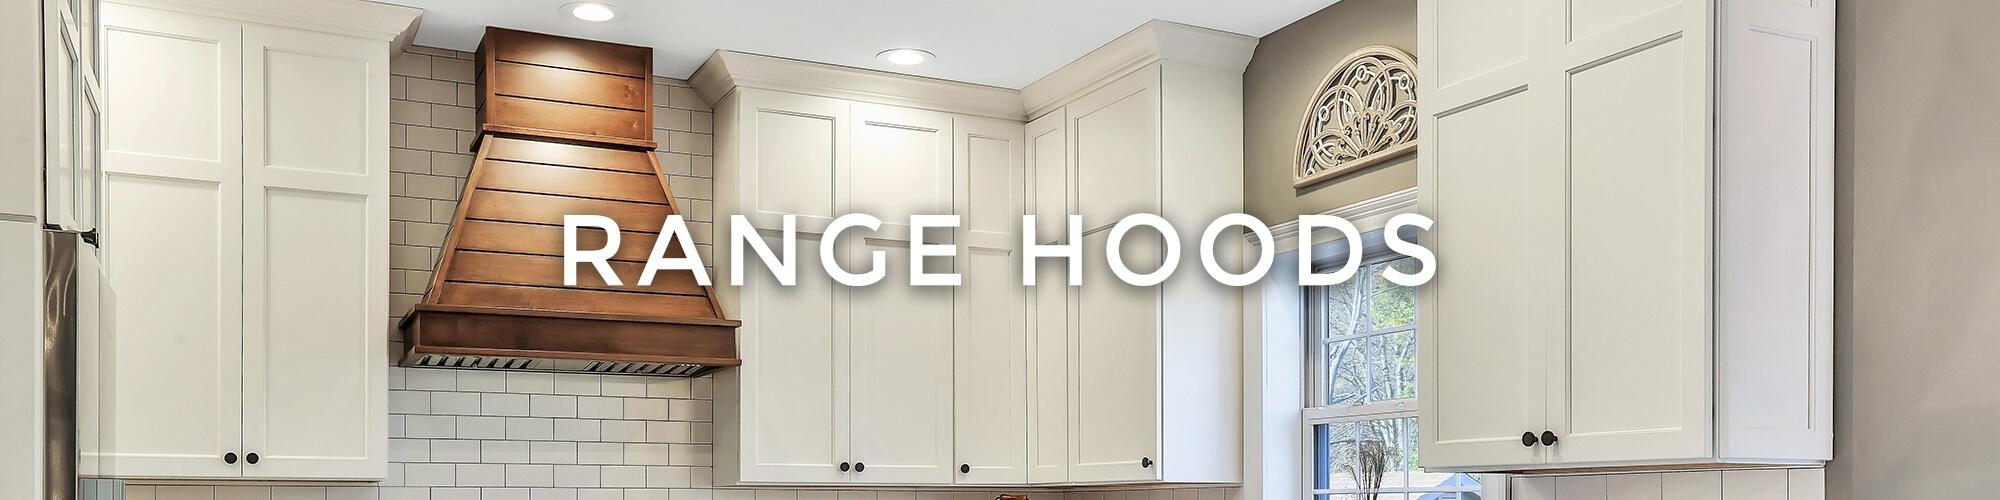 Kitchen Range Hoods Wood Range Hoods Remodel Market